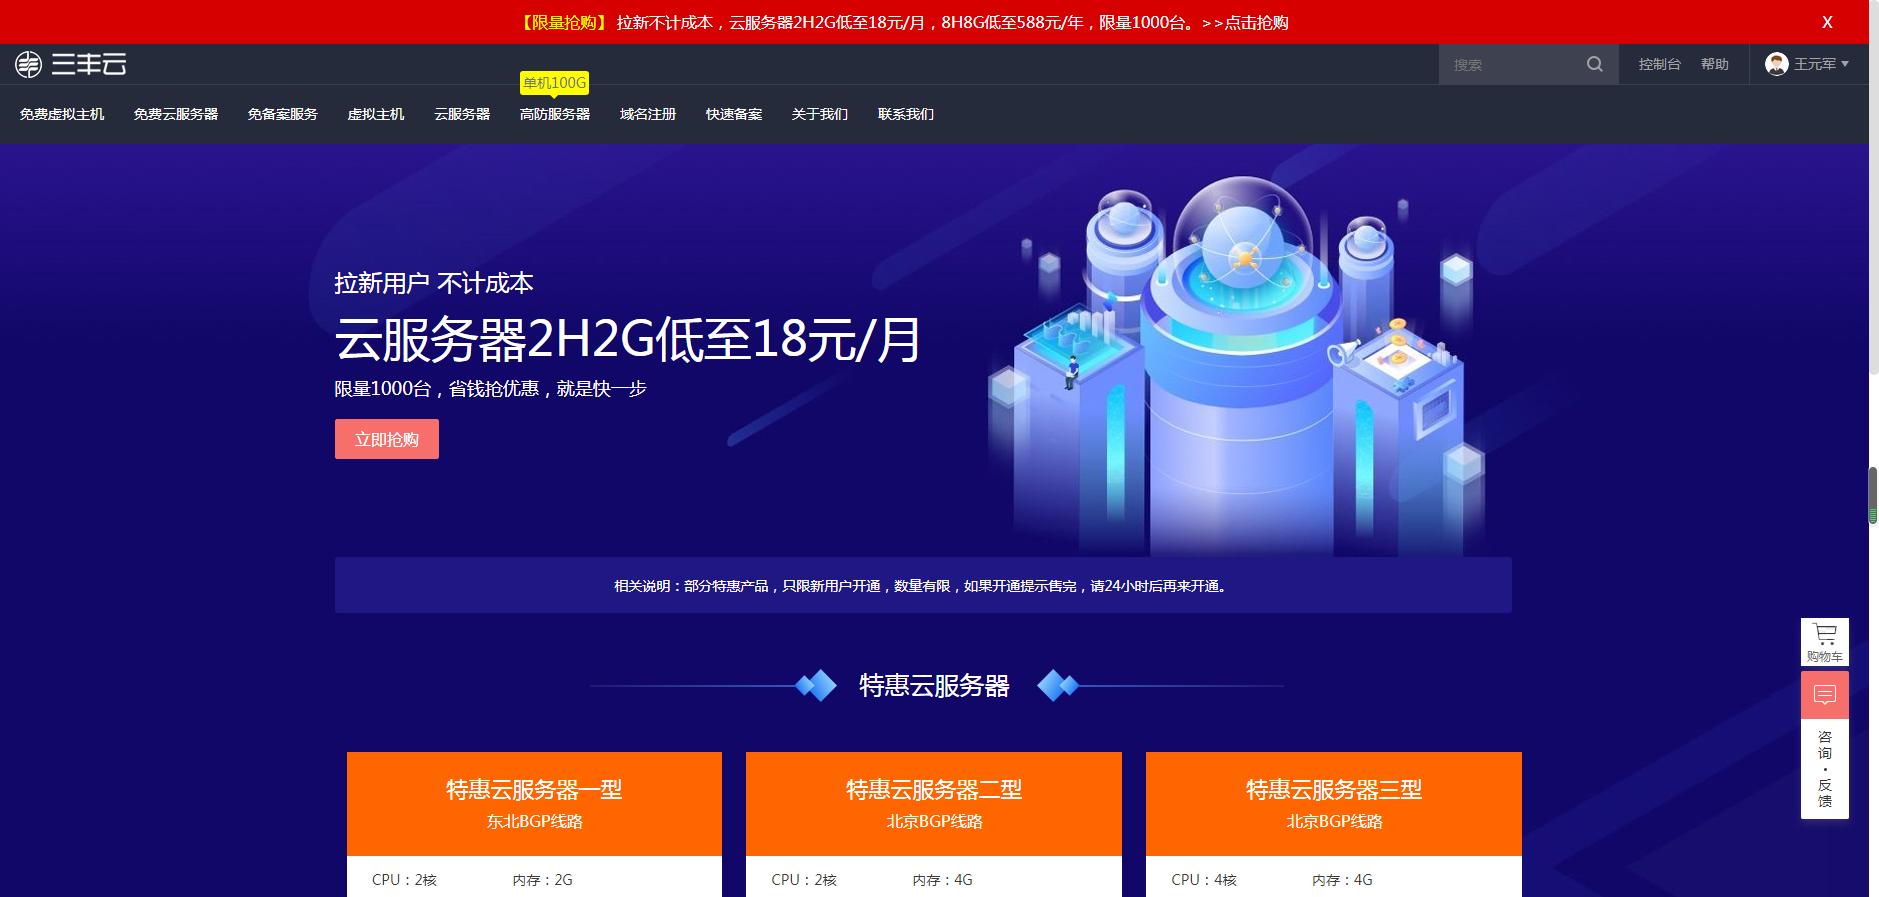 最近,三丰云推出云服务器抢购套餐限量1000台  第1张